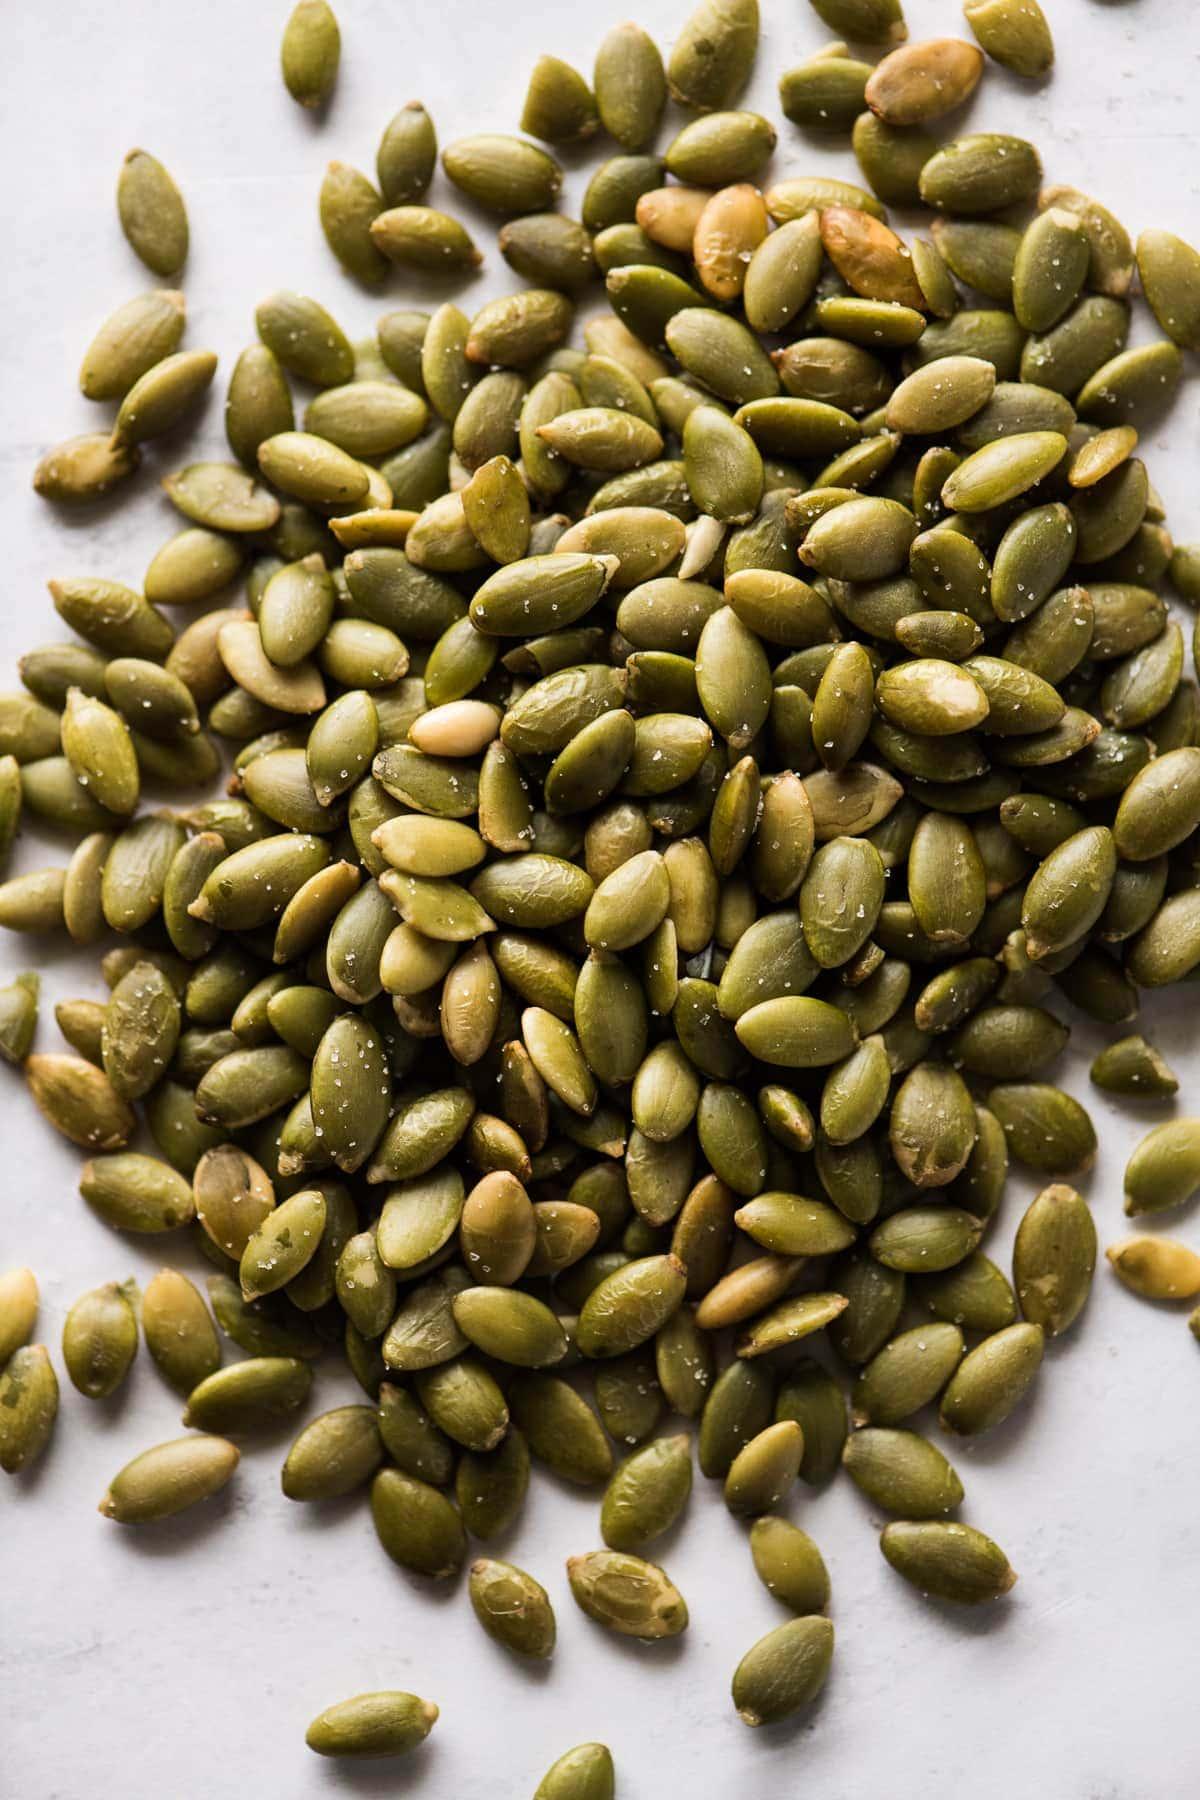 Pepitas (roasted pumpkin seeds) on a table.